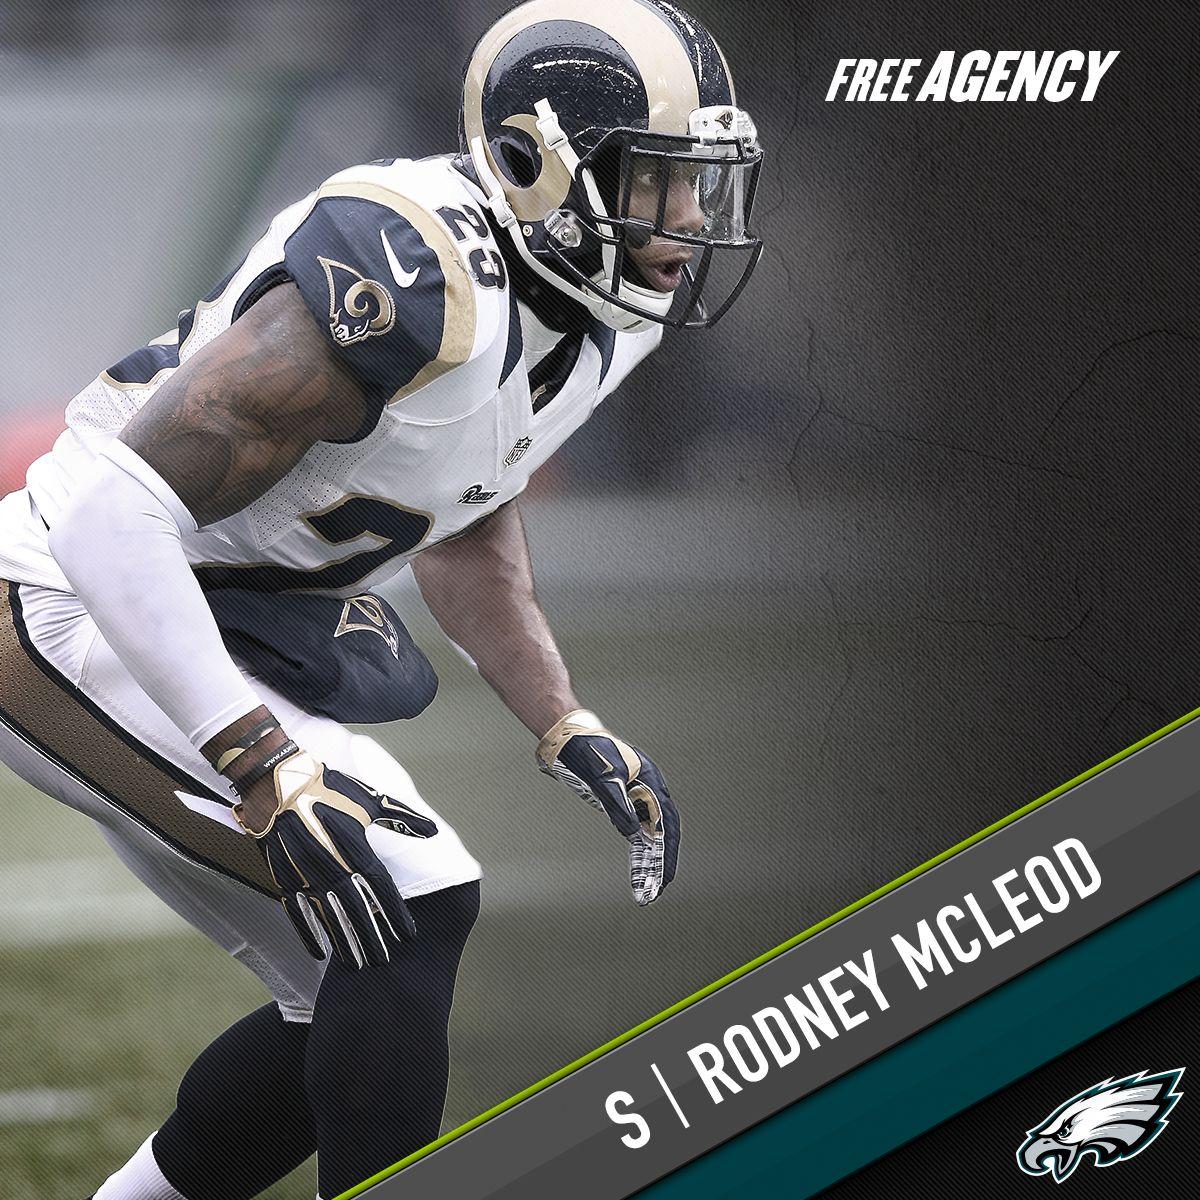 Philadelphia Eagles sign S Rodney McLeod